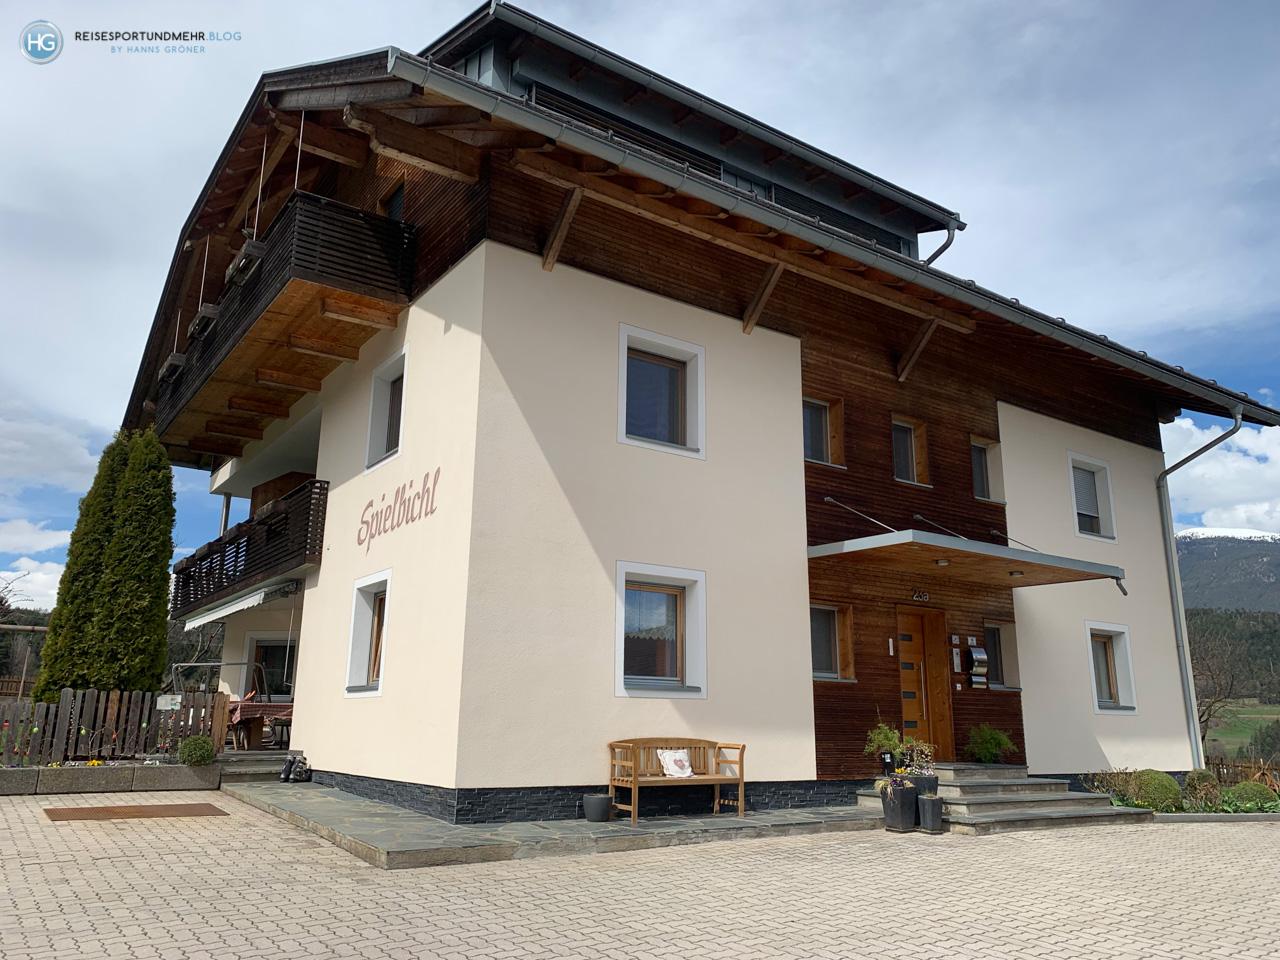 Apartment Spielbichl bei St. Lorenzenz (Foto: Hanns Gröner)